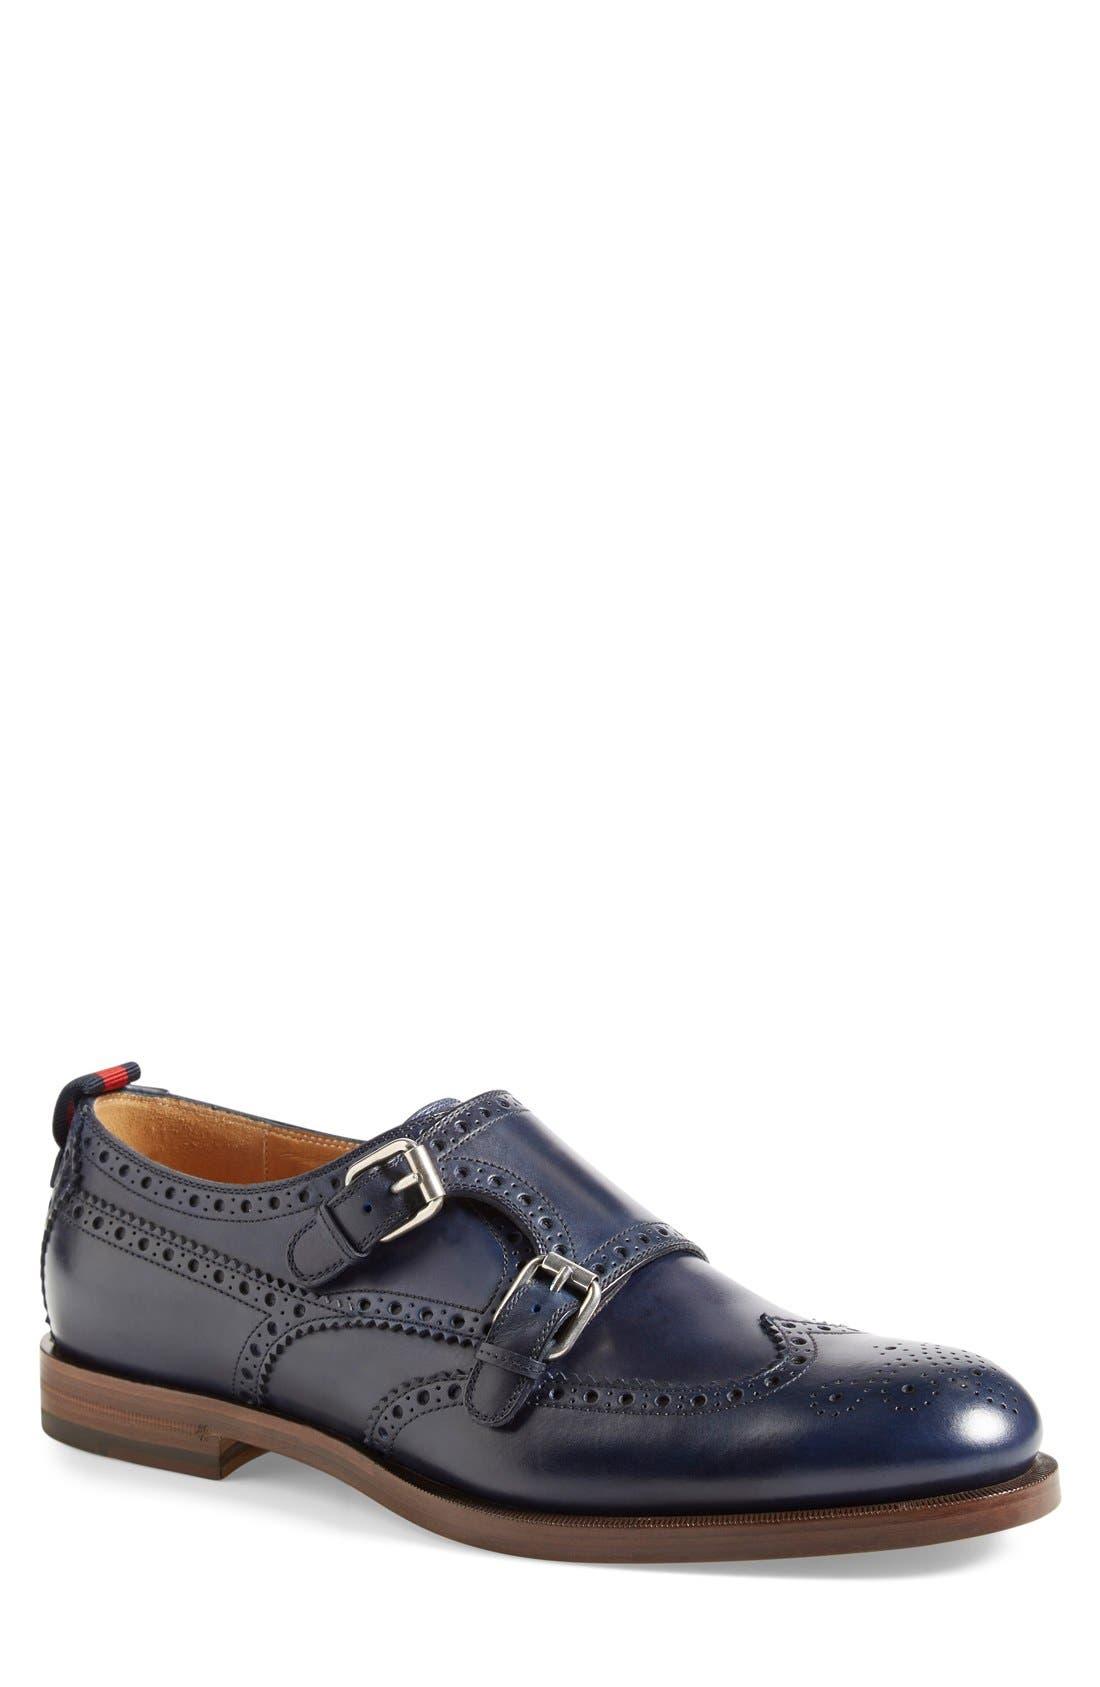 Double Monk Strap Wingtip Shoe, Main, color, 473